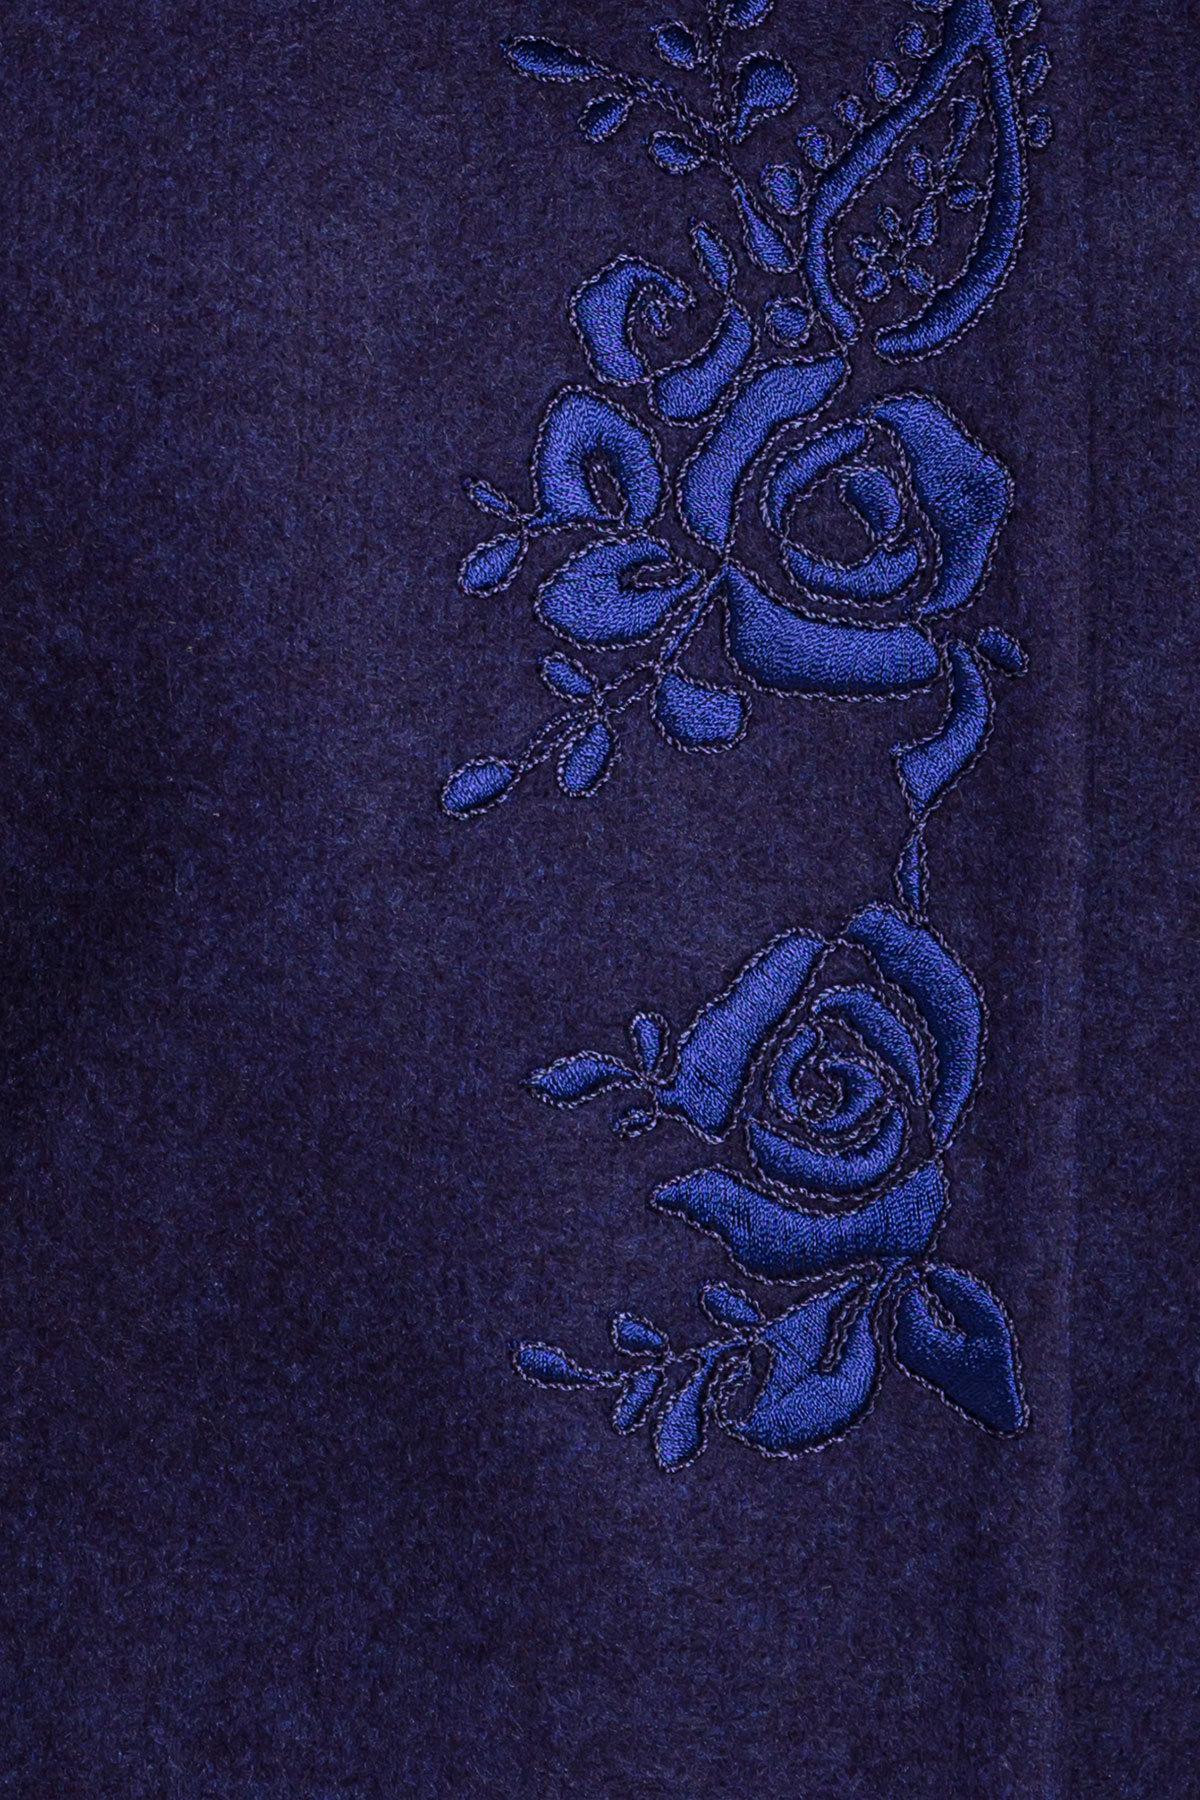 Пальто Авелони 4555 АРТ. 37022 Цвет: Темно-синий 17 - фото 5, интернет магазин tm-modus.ru